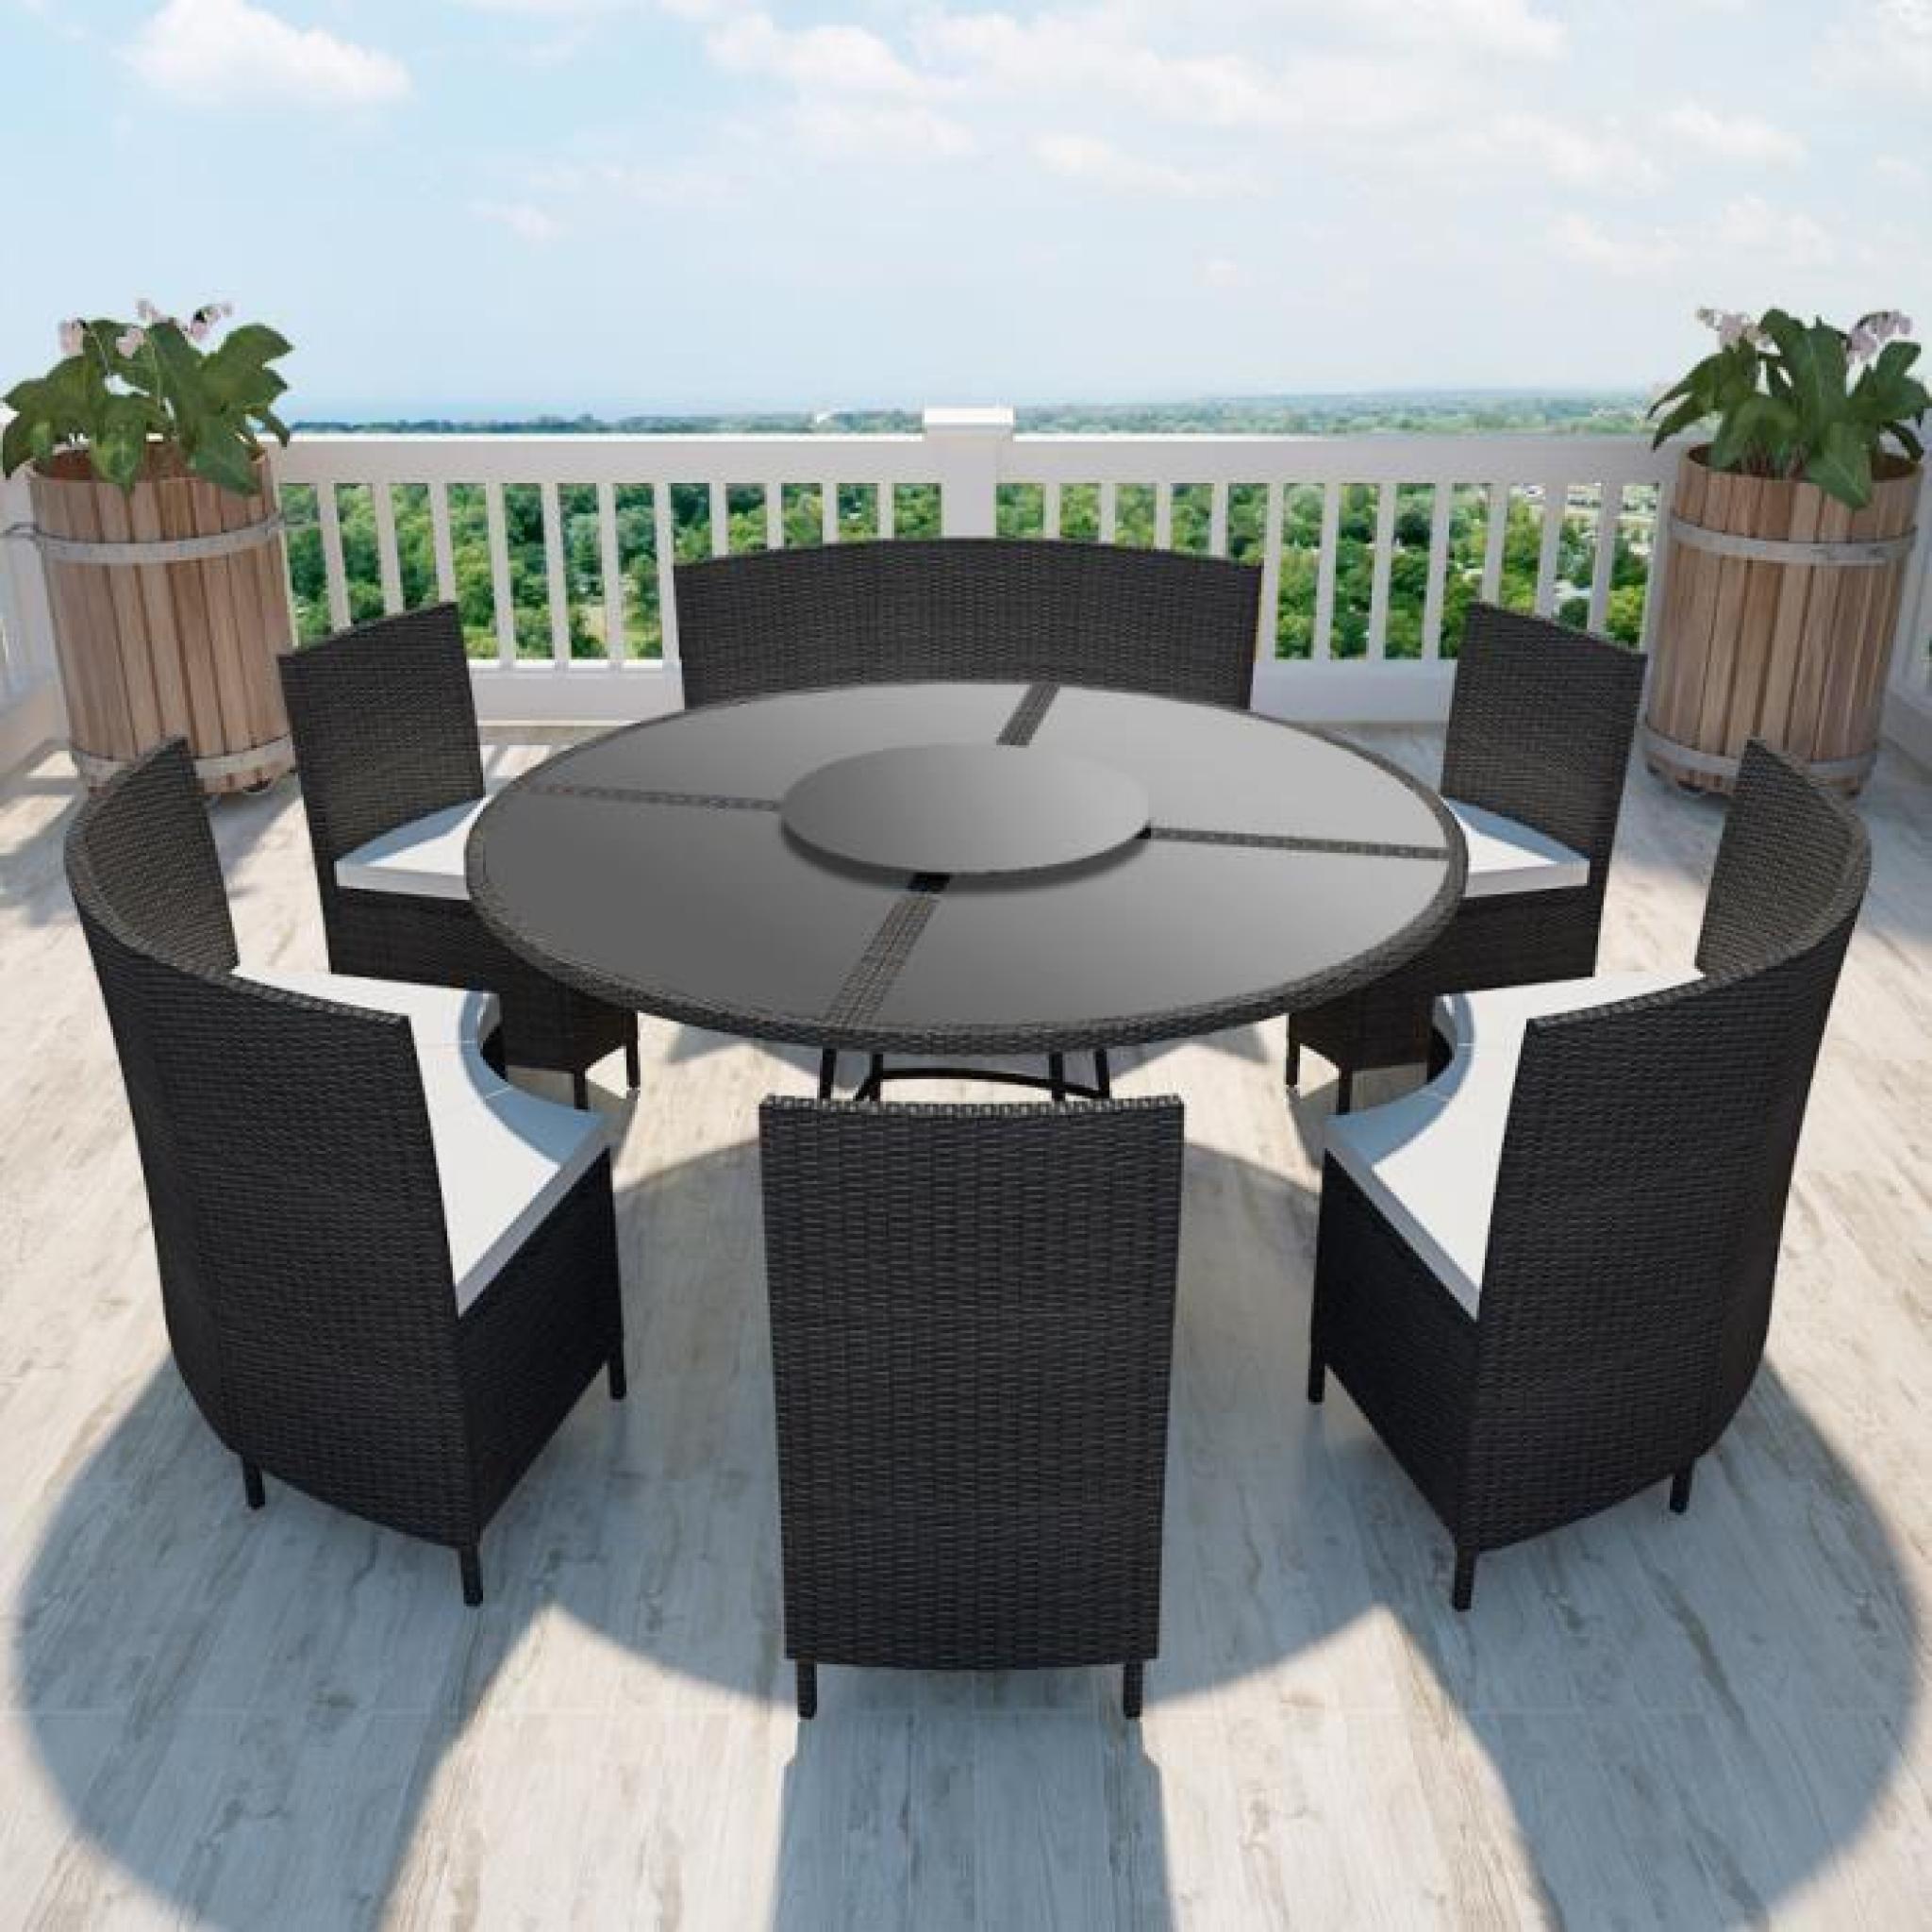 Salon De Jardin Noir En Polyrotin Table Ronde Et Chaises 12 Pers. intérieur Salon De Jardin Rond Pas Cher